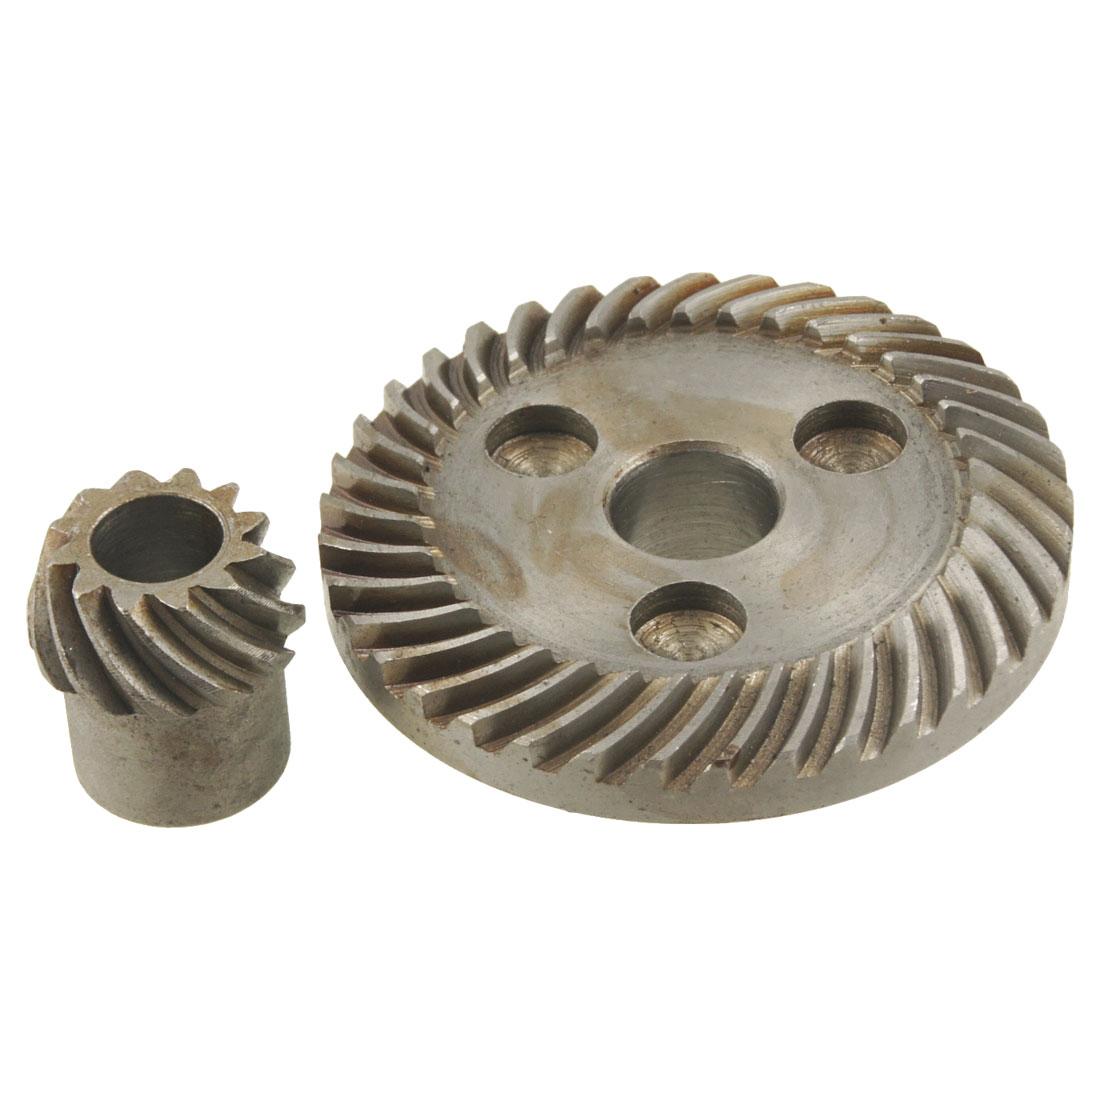 2-Pcs-Spiral-Bevel-Gear-for-Black-Decker-6288-Angle-Grinder